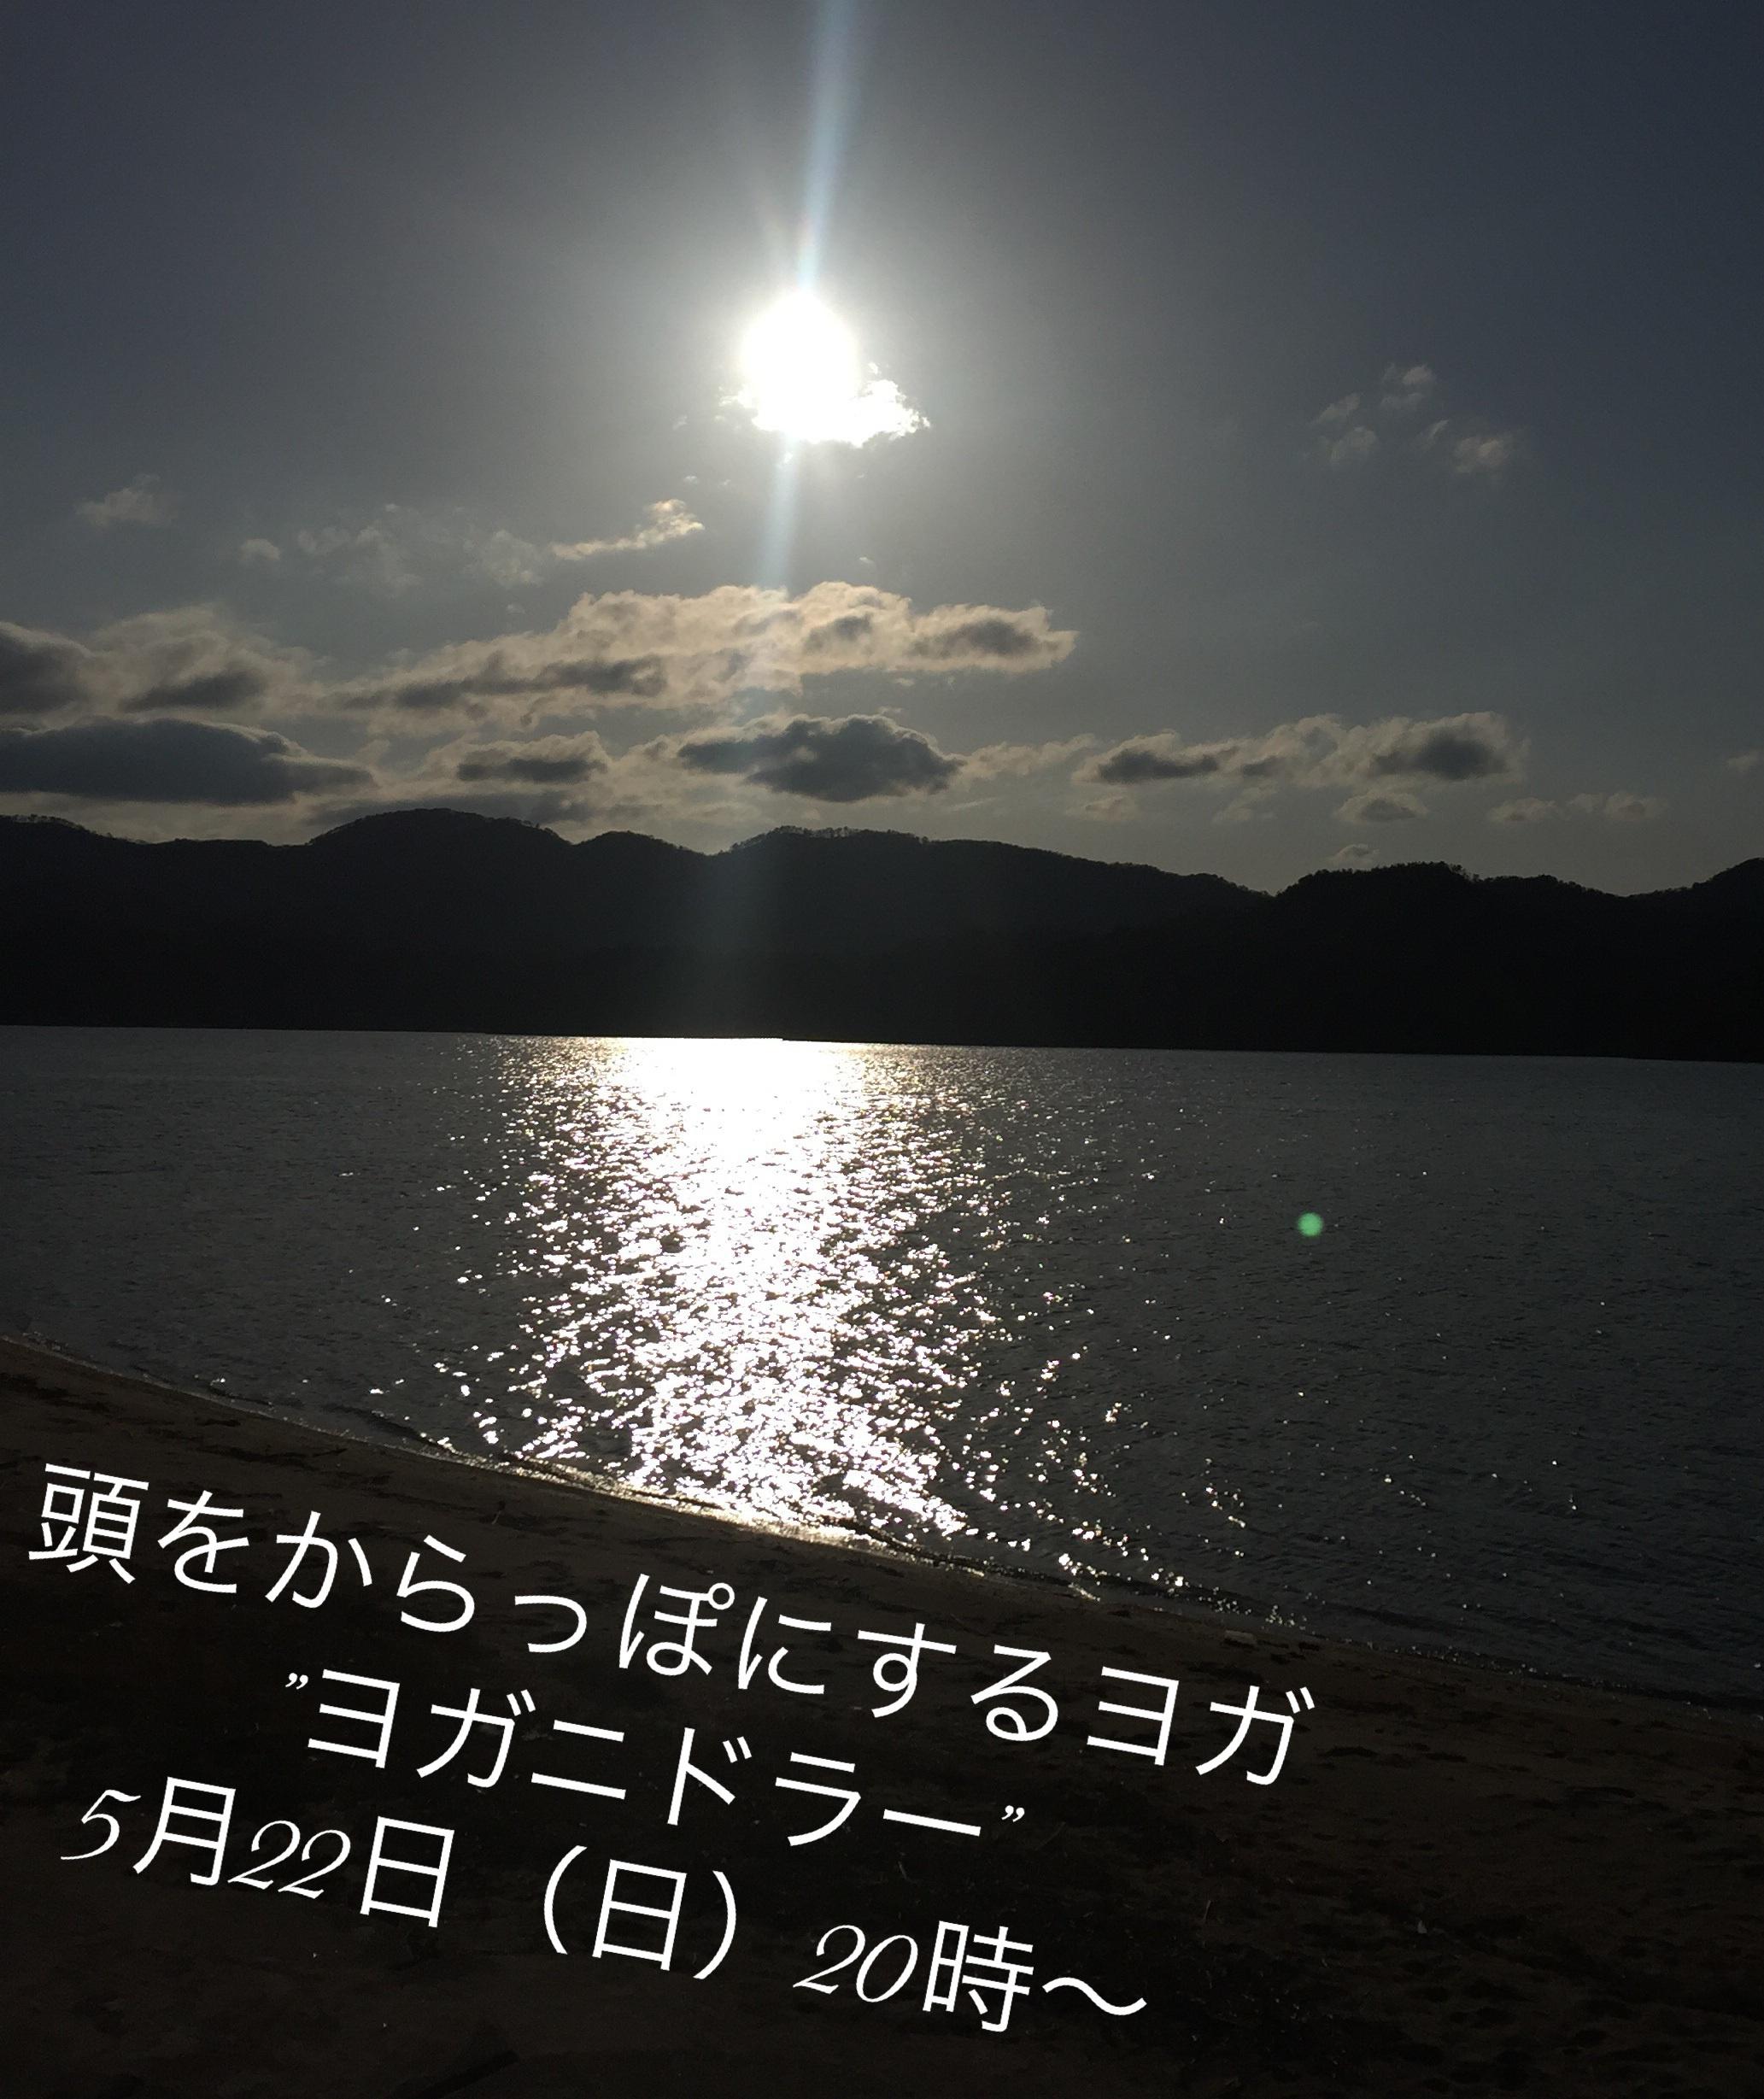 """【5/22(日)第4回 頭をからっぽにするヨガ。""""ヨガニドラー"""" 特別クラス】"""